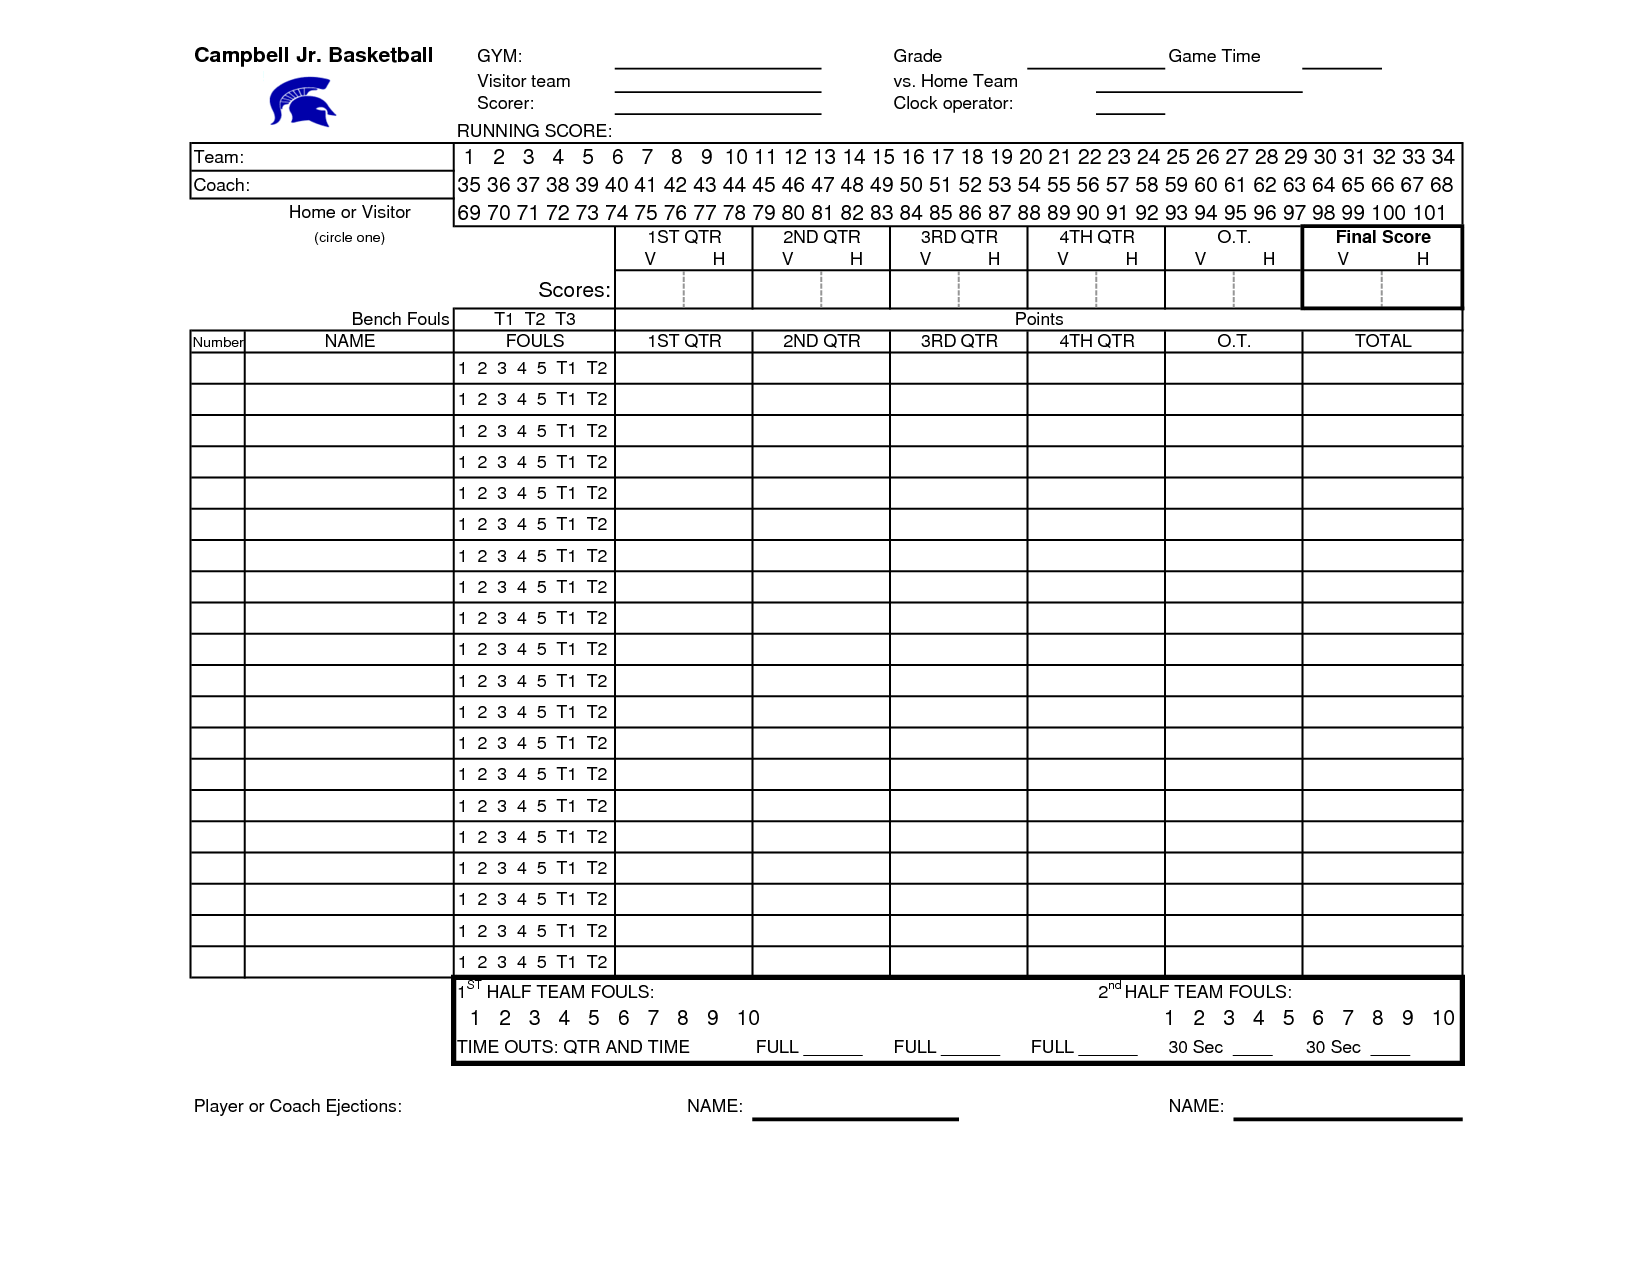 Basketball Stat Sheet - FREE DOWNLOAD